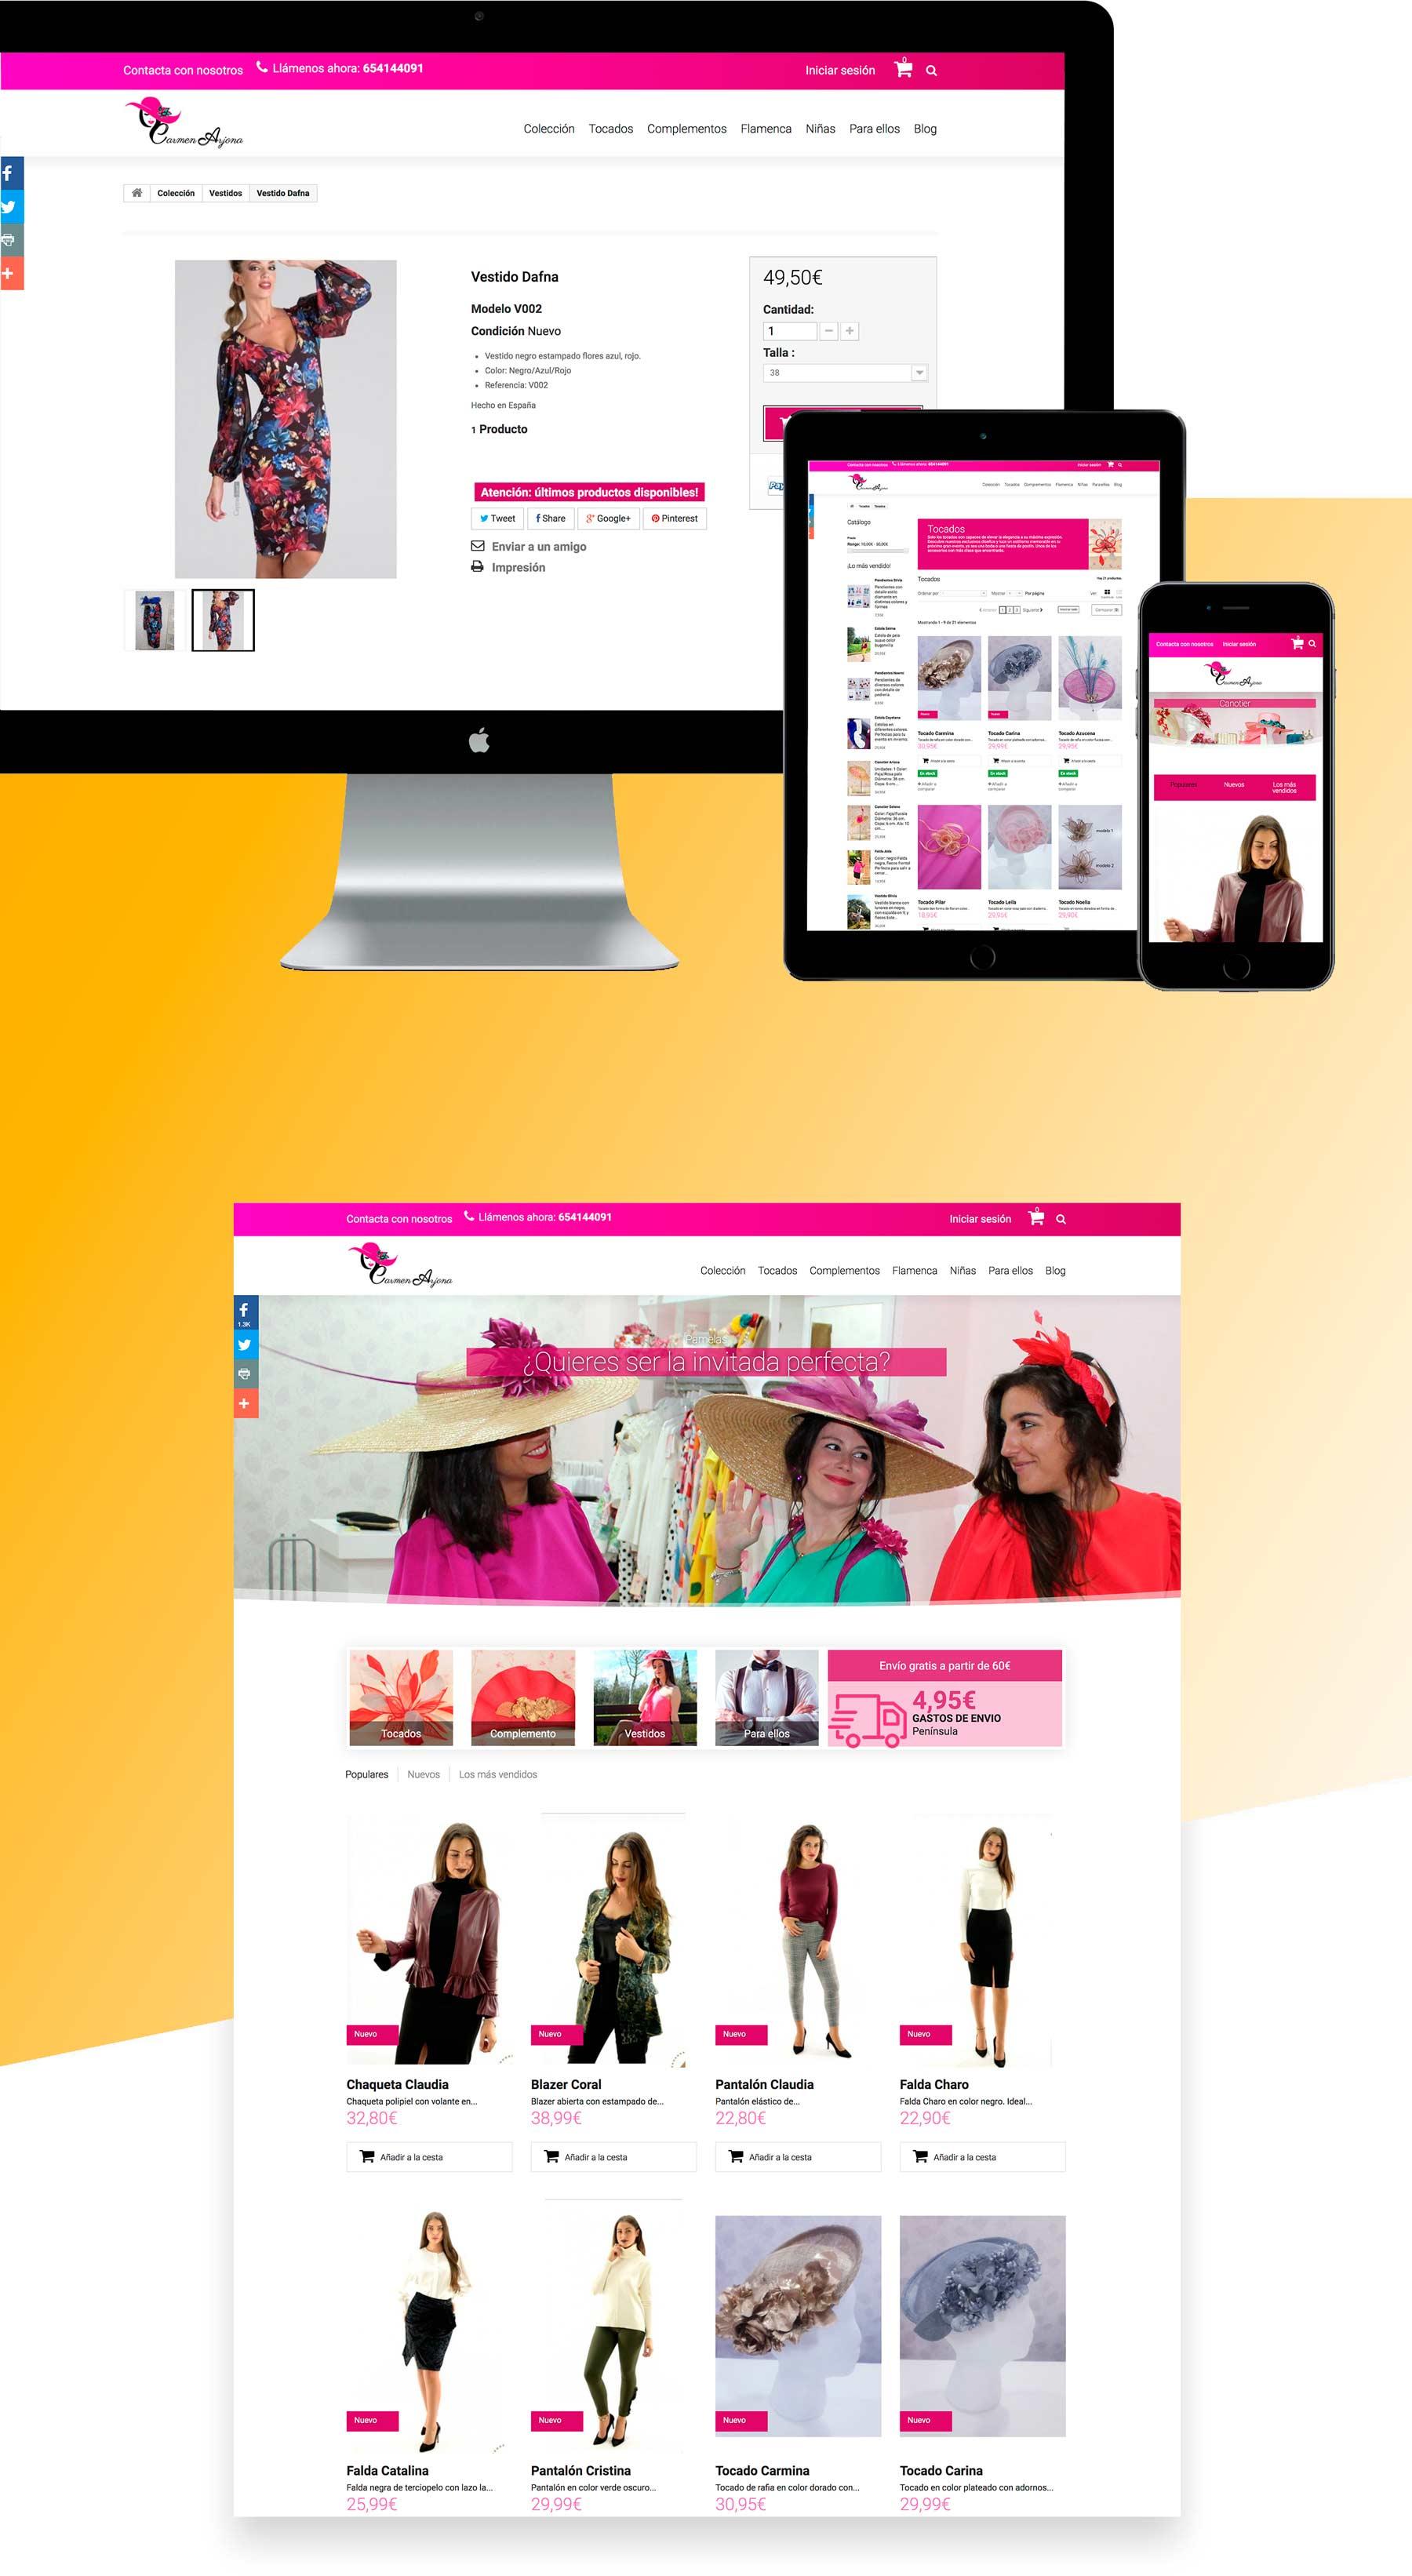 diseño web de tienda online de moda ropa tocados y pamelas - tienda prestashop Malaga - Fuengirola -Marbella